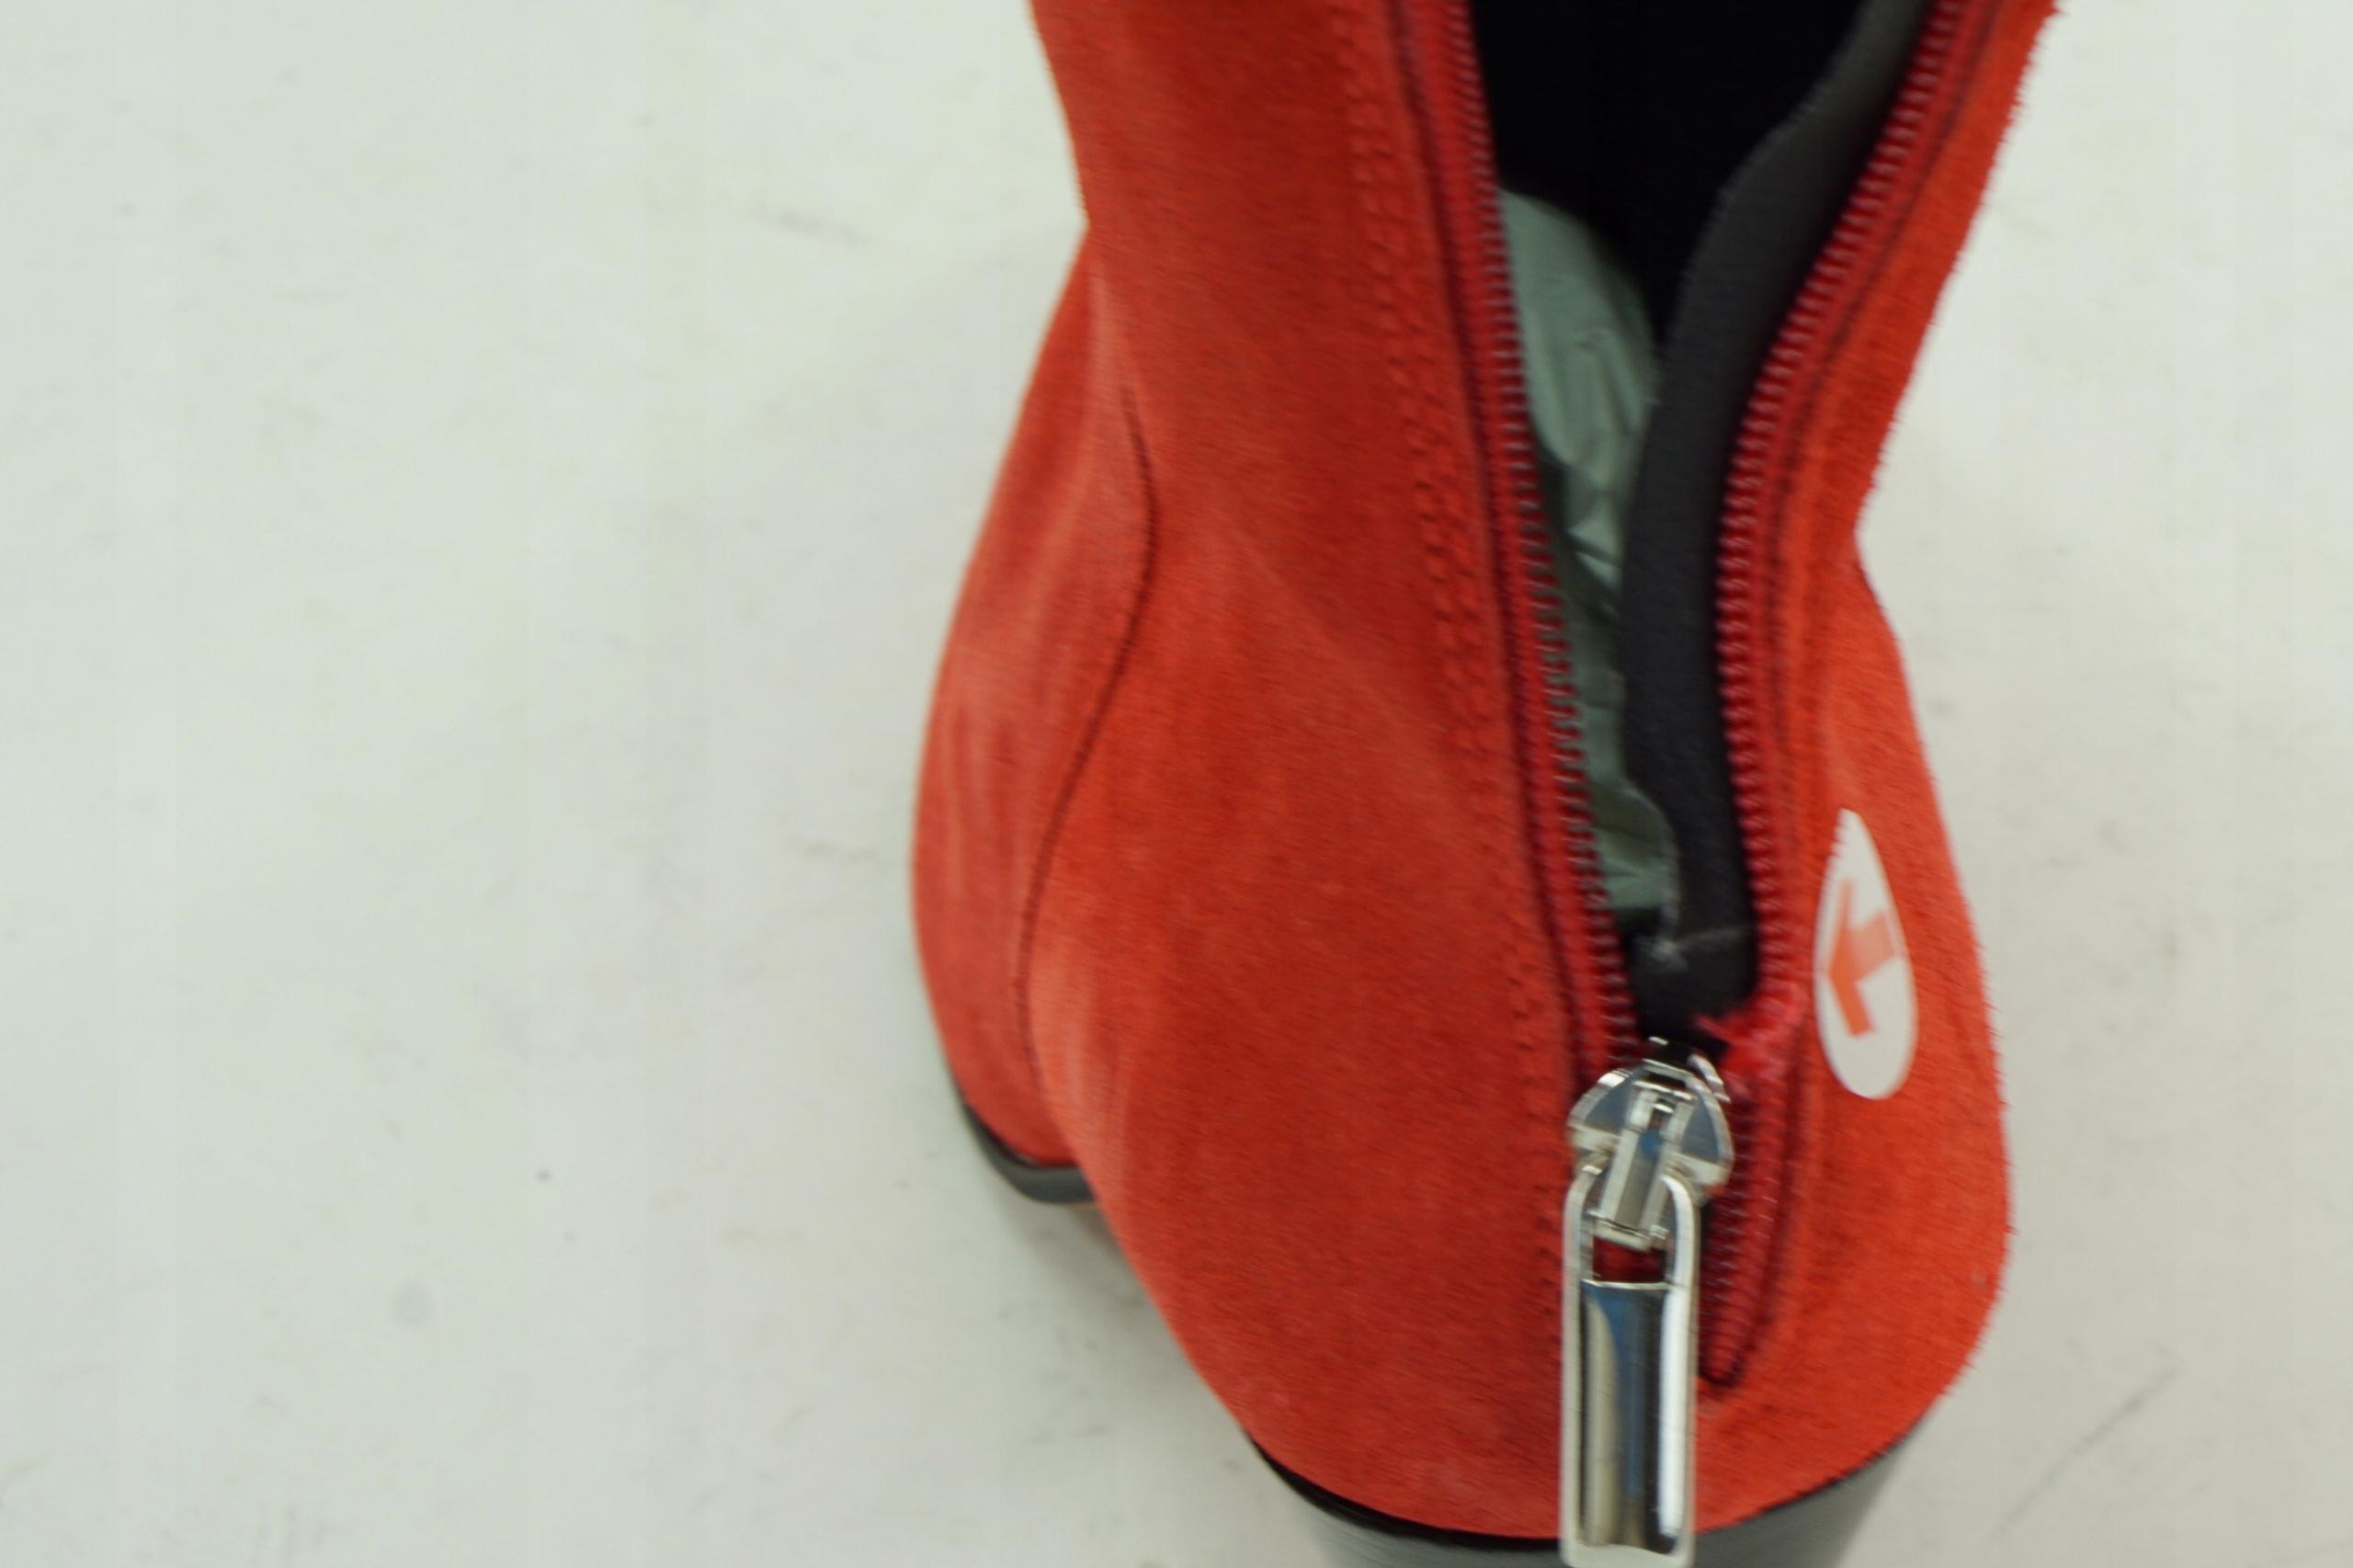 1a0f1506b90cc Botki czerwone skórzane na obcasie 39 PB20 6 - 7518317629 ...